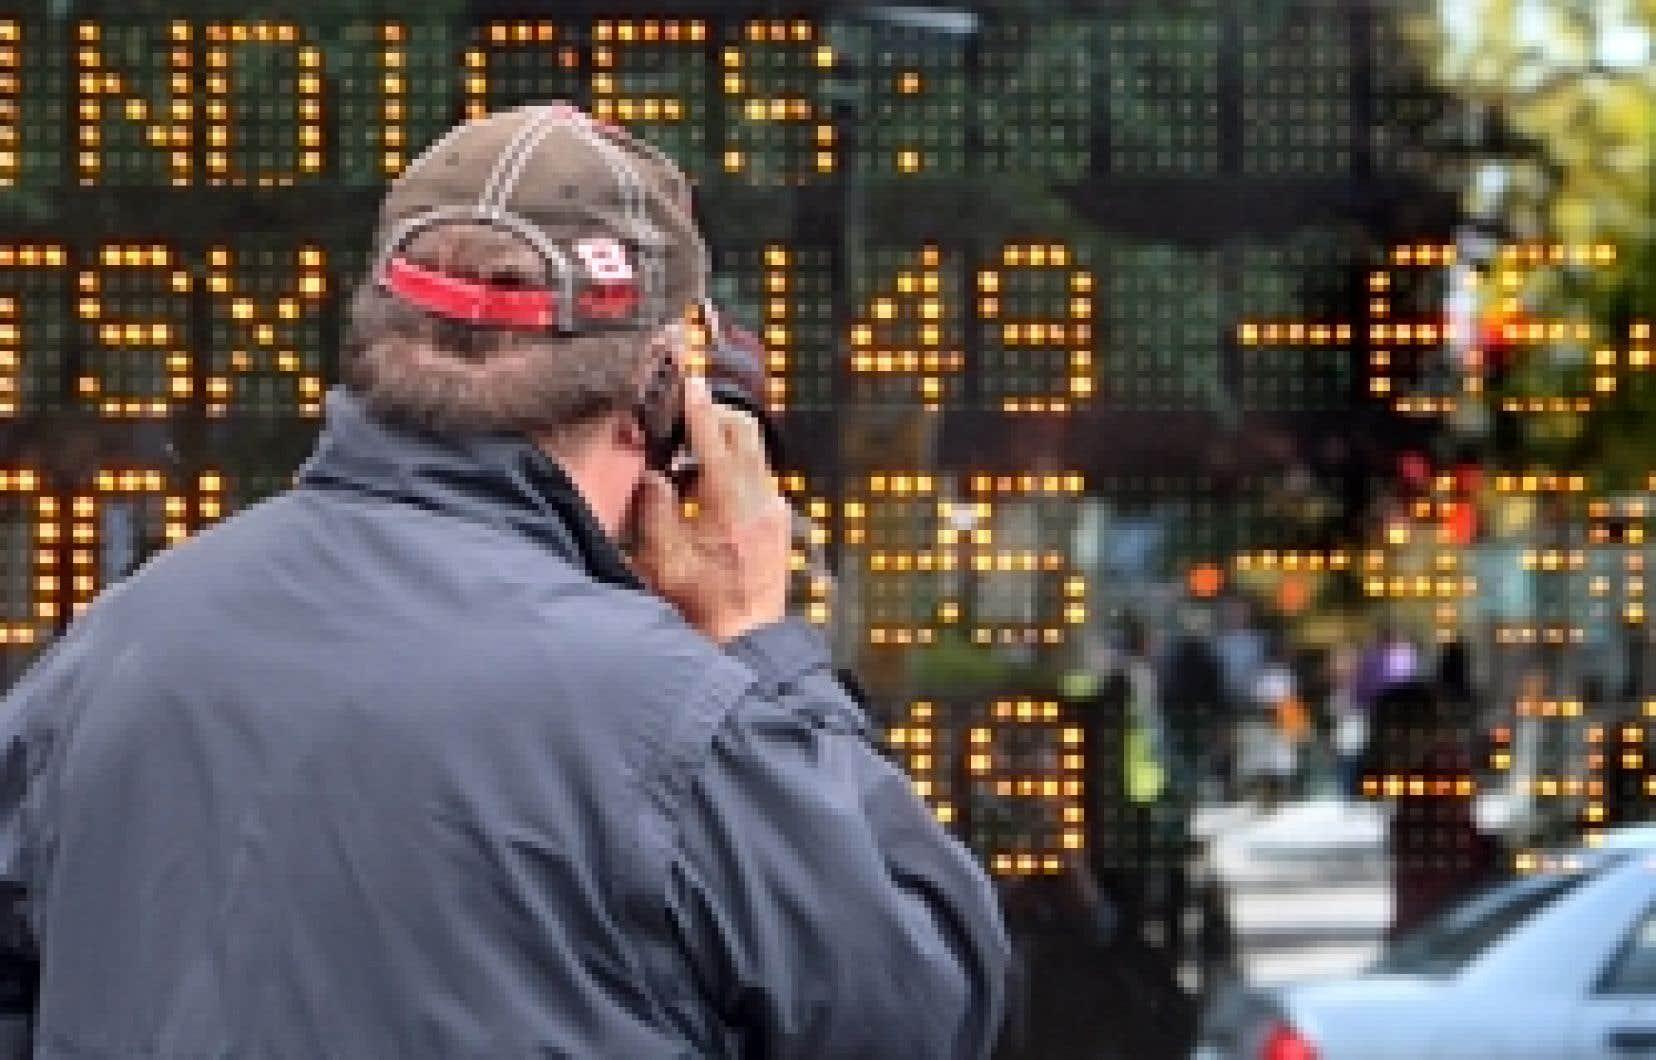 Cellulaire à l'oreille, un courtier surveillait hier le plongeon des indices boursiers sur le tableau lumineux de la Banque Laurentienne, avenue McGill College, hier, à Montréal.